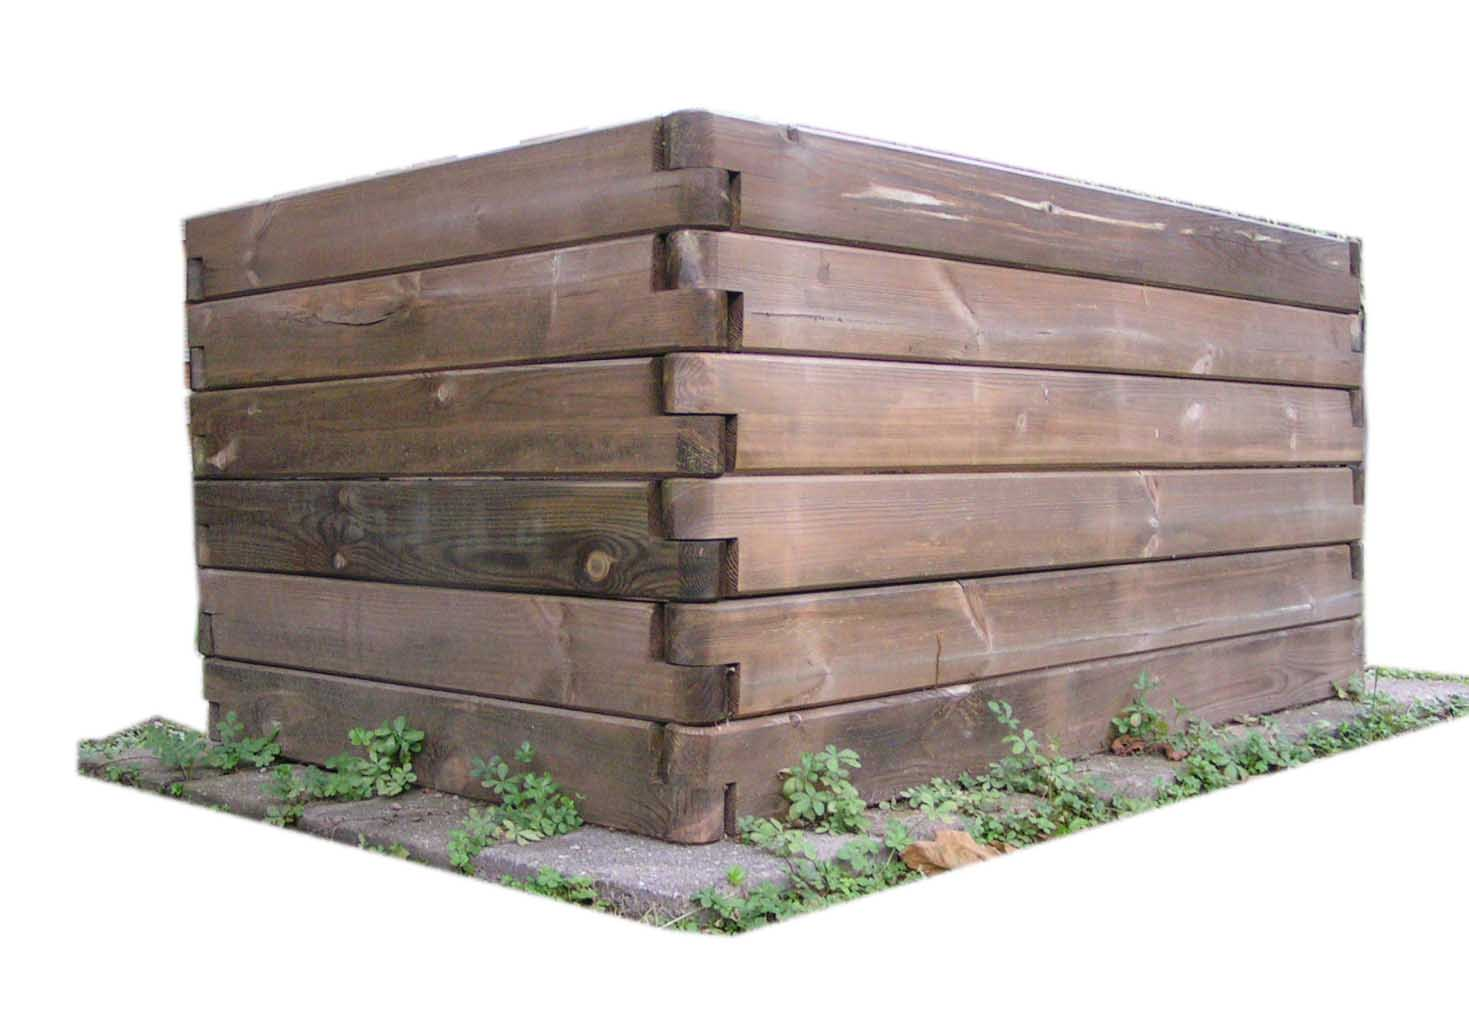 Full Size of Sichtschutz Garten Holz Für Fenster Hochbeet Im Sichtschutzfolie Einseitig Durchsichtig Sichtschutzfolien Wpc Wohnzimmer Hochbeet Sichtschutz